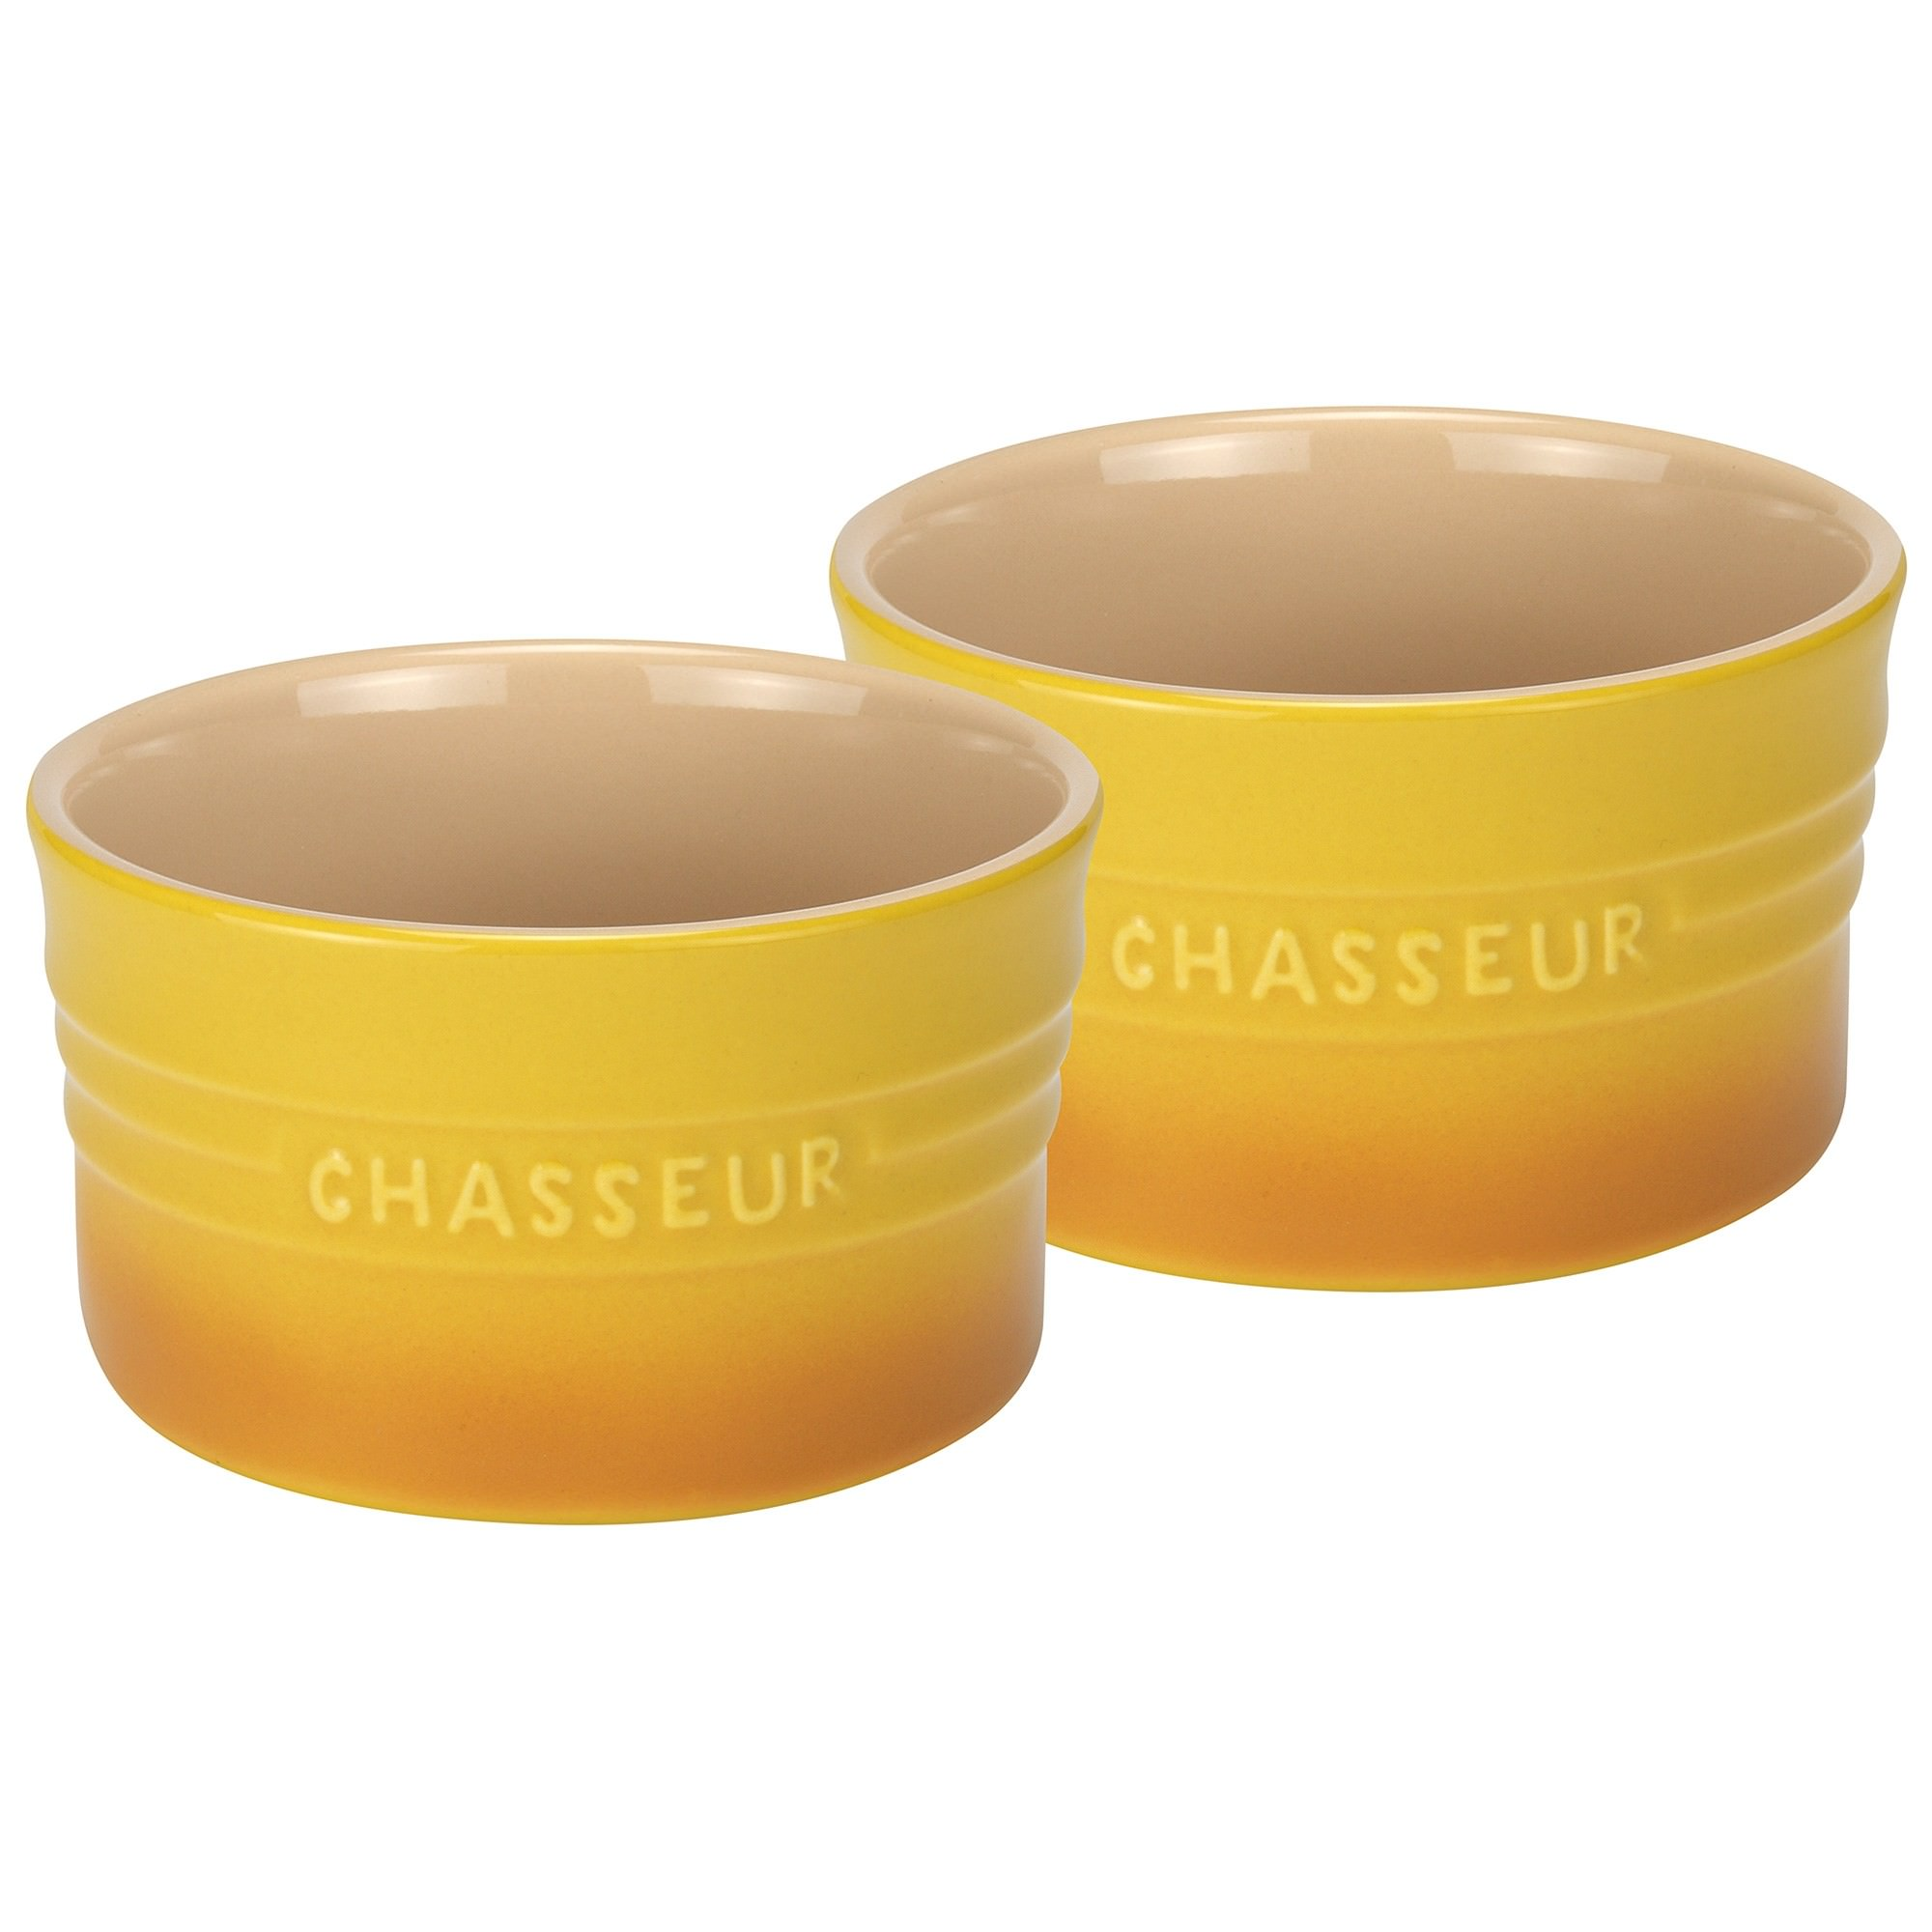 Chasseur La Cuisson 2 Piece Ramekin Set, Yellow